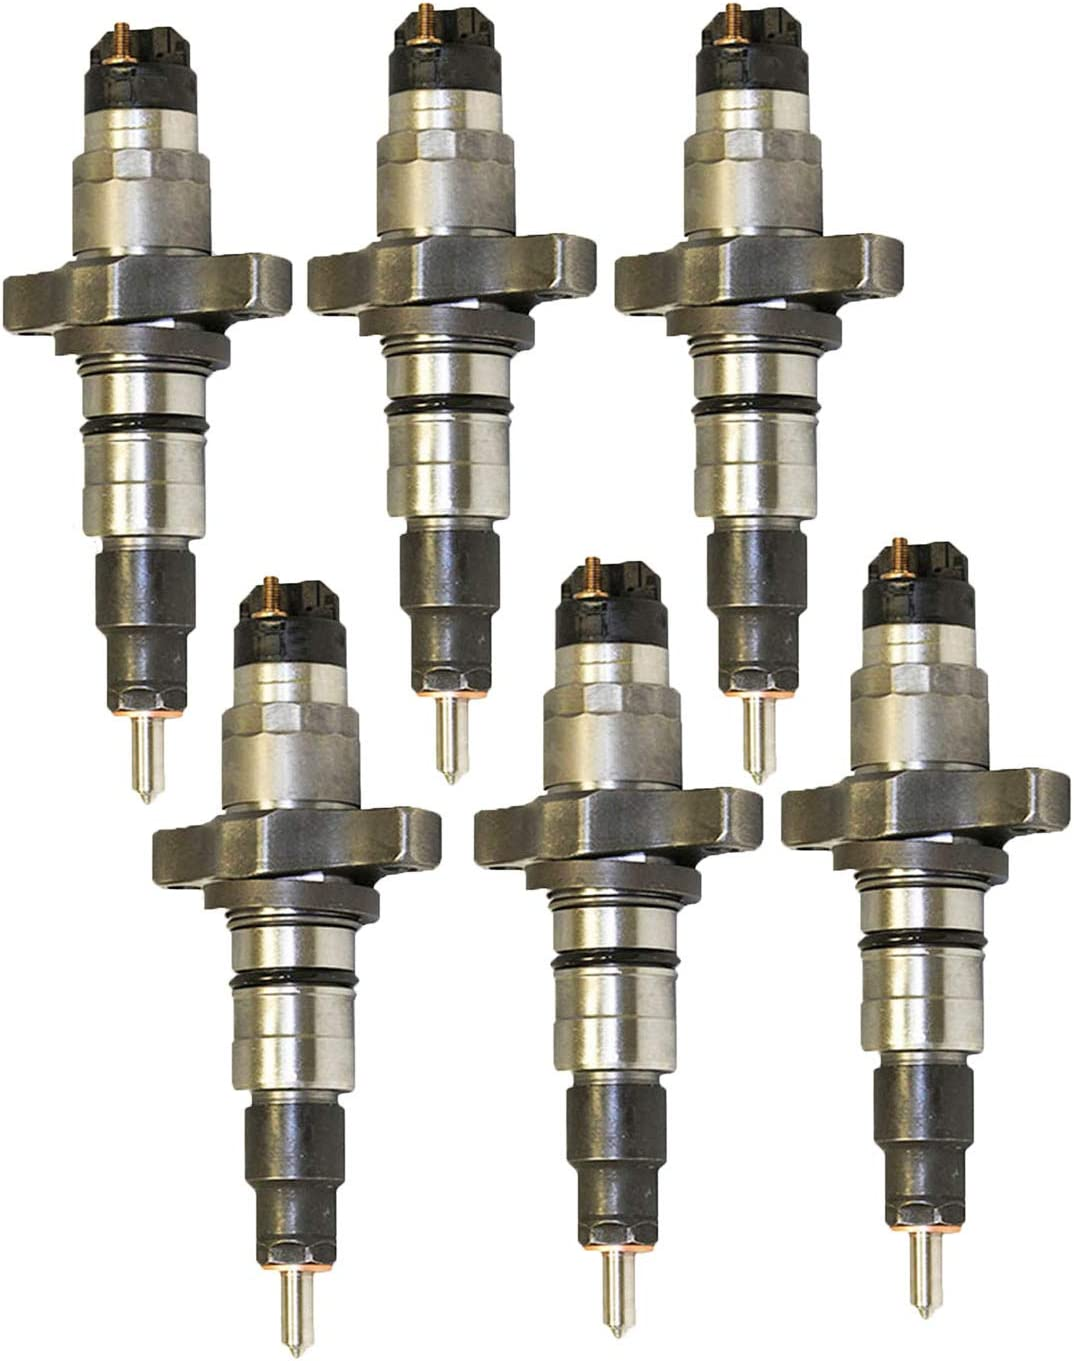 New Fuel Injector Fits 04-09 Dodge Ram Cummins 5.9L Diesel 0445120238 0986435505